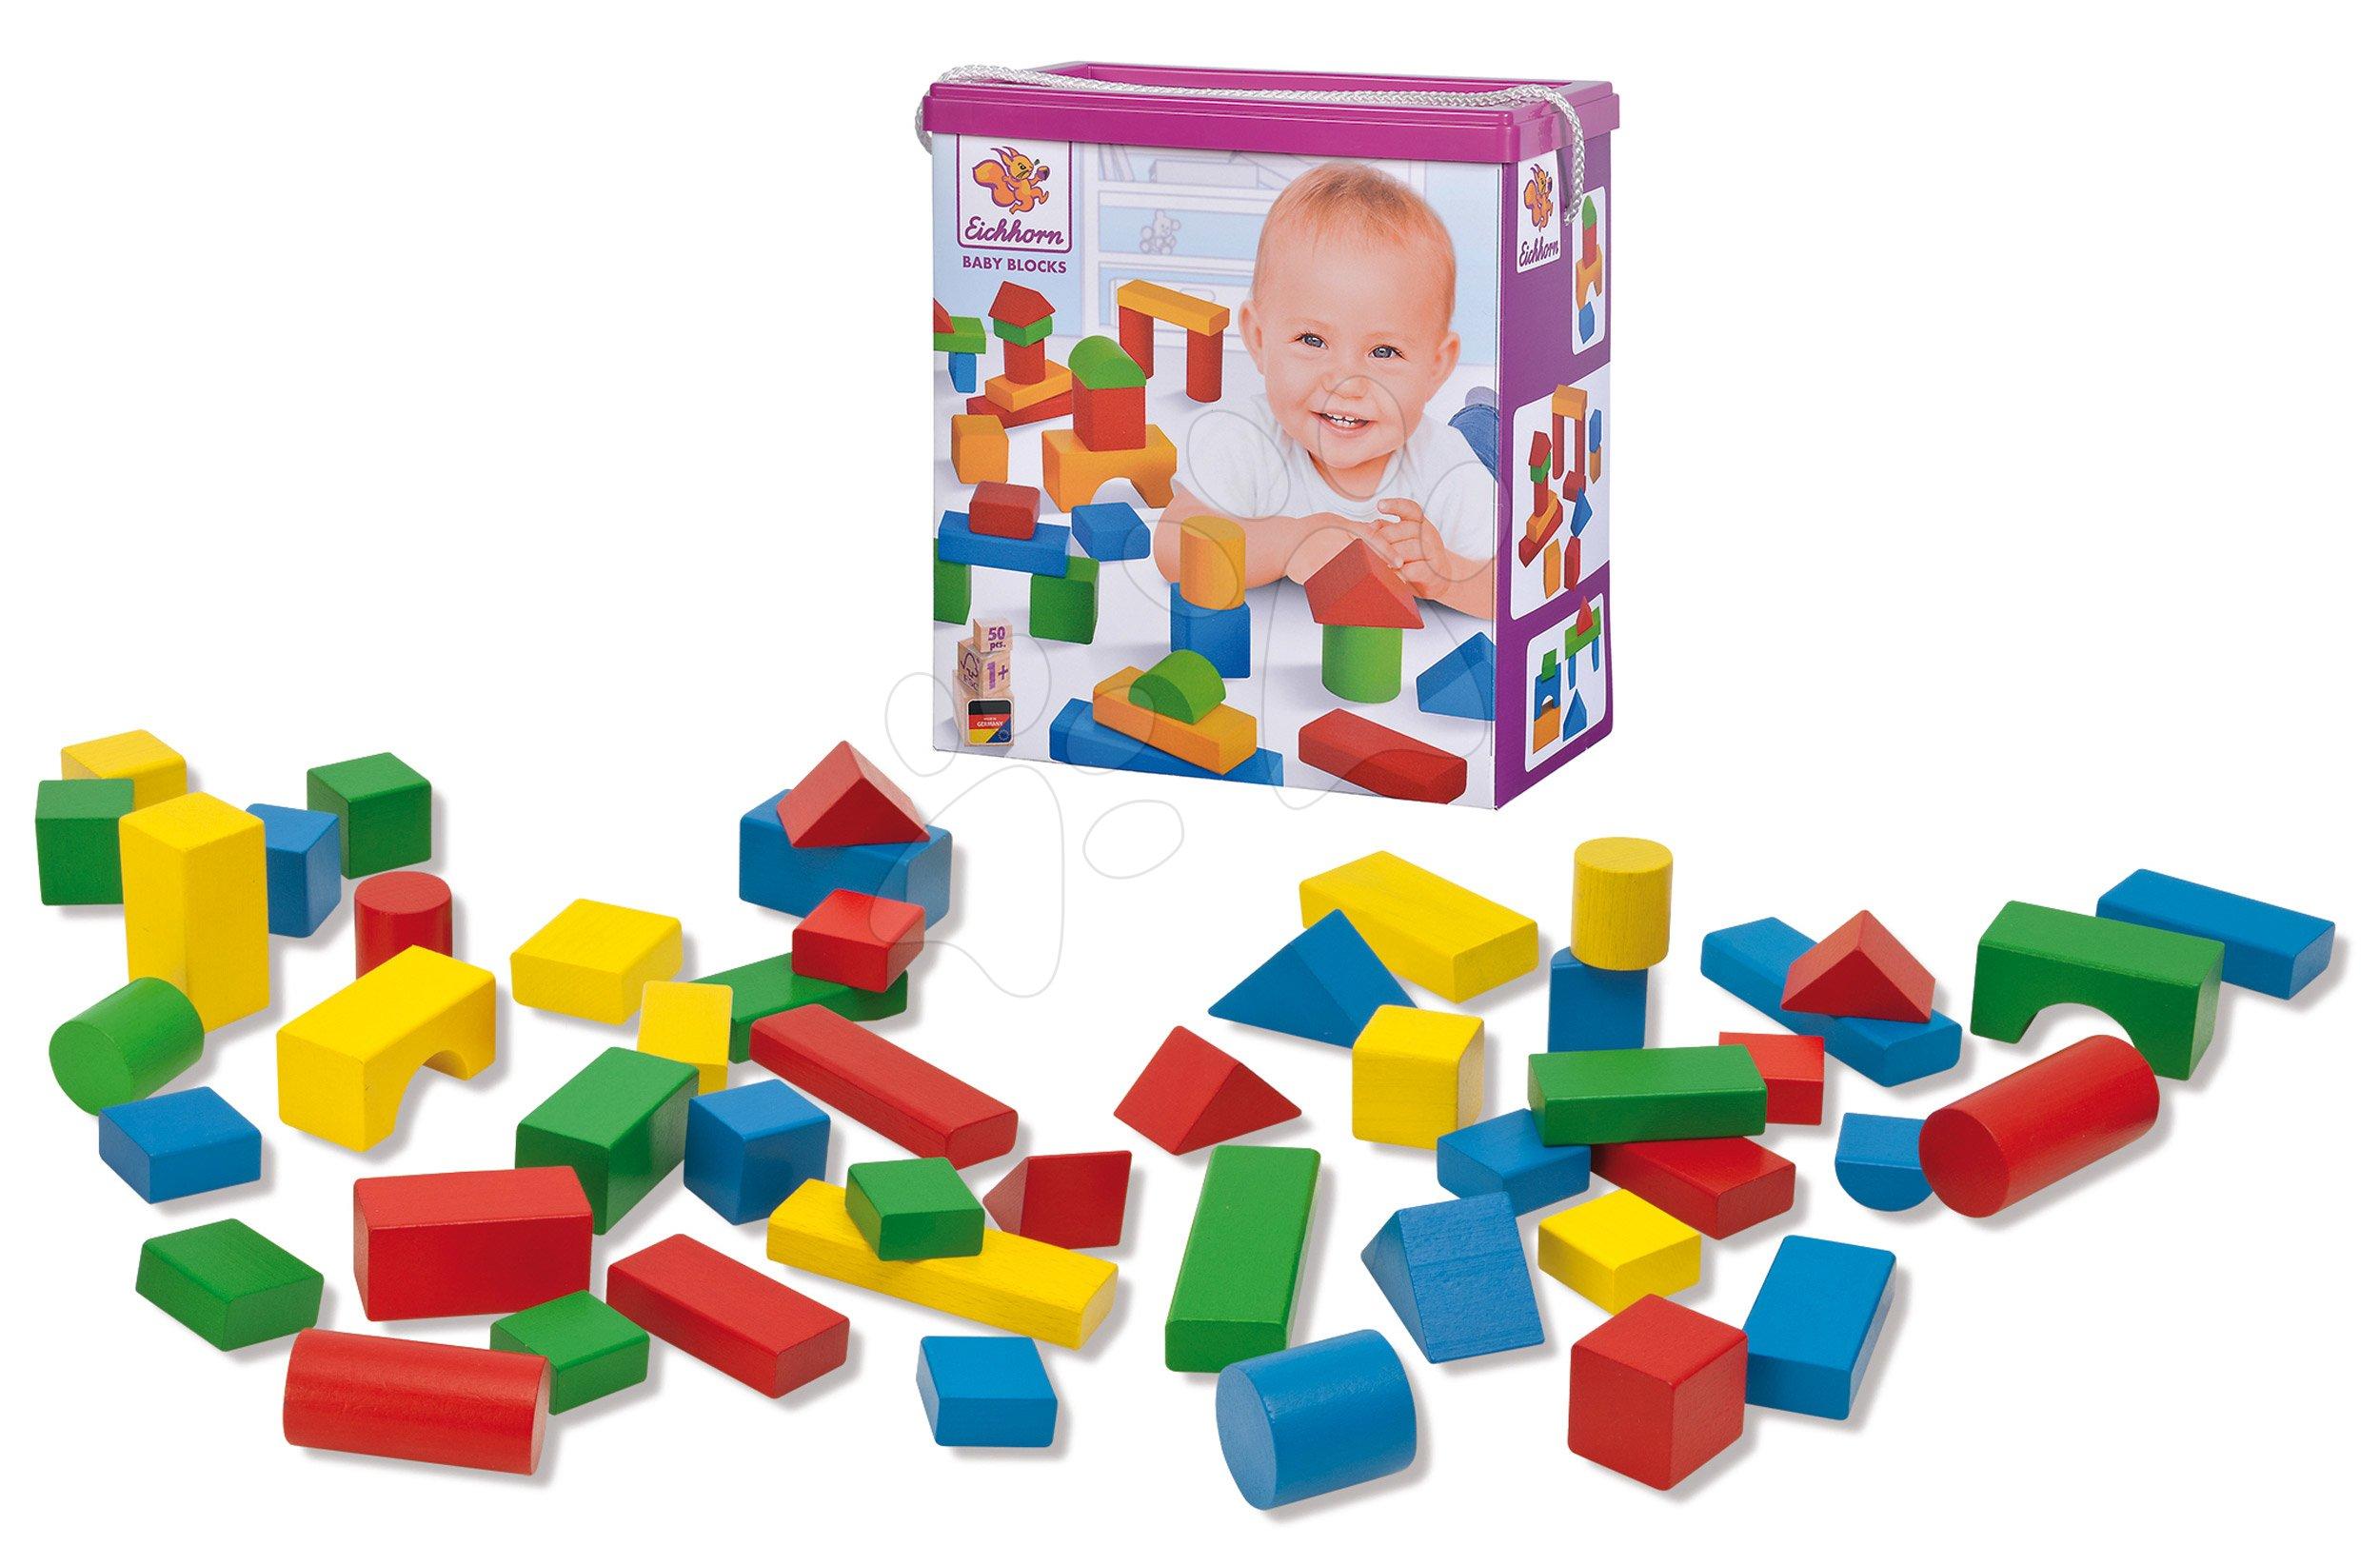 Drevené kocky farebné Coloured Wooden Blocks XL Baby Eichhorn extra veľké 50 kusov veľkosť 40 mm od 12 mes